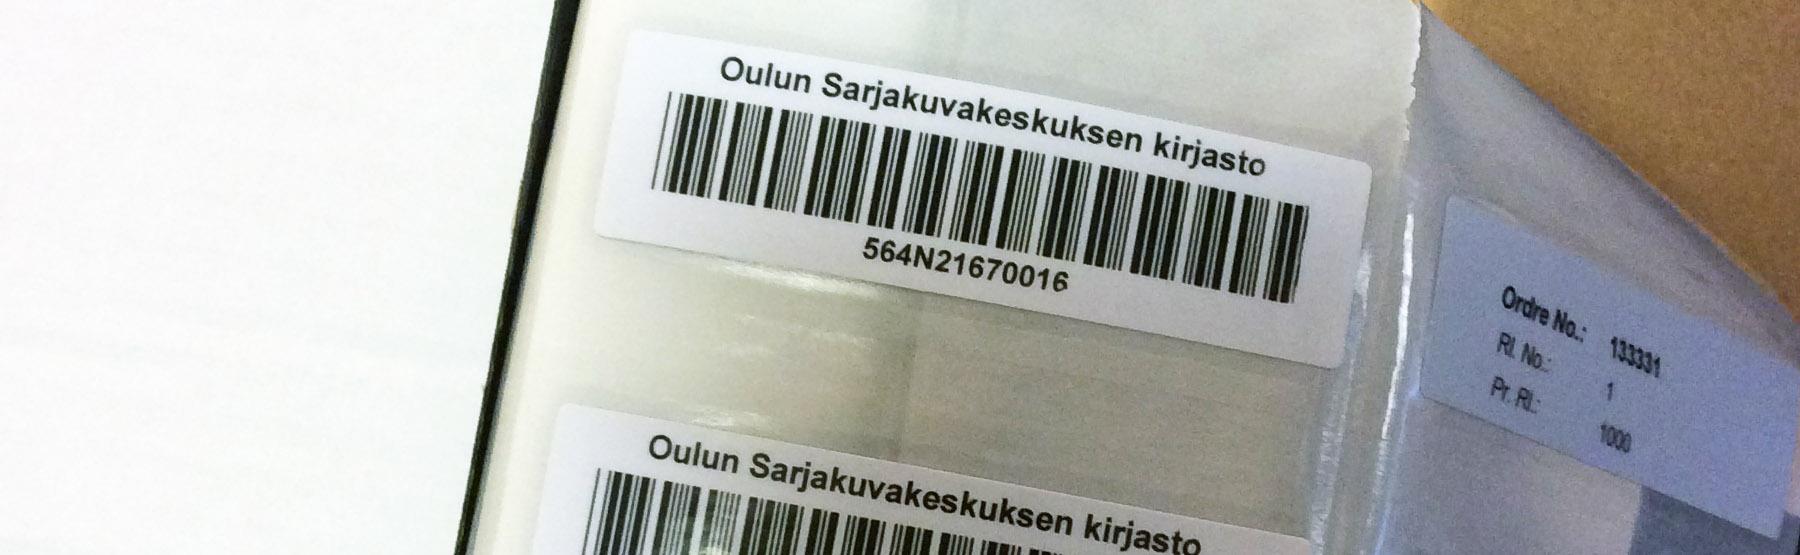 Oulun Sarjakuvakeskuksen kirjasto